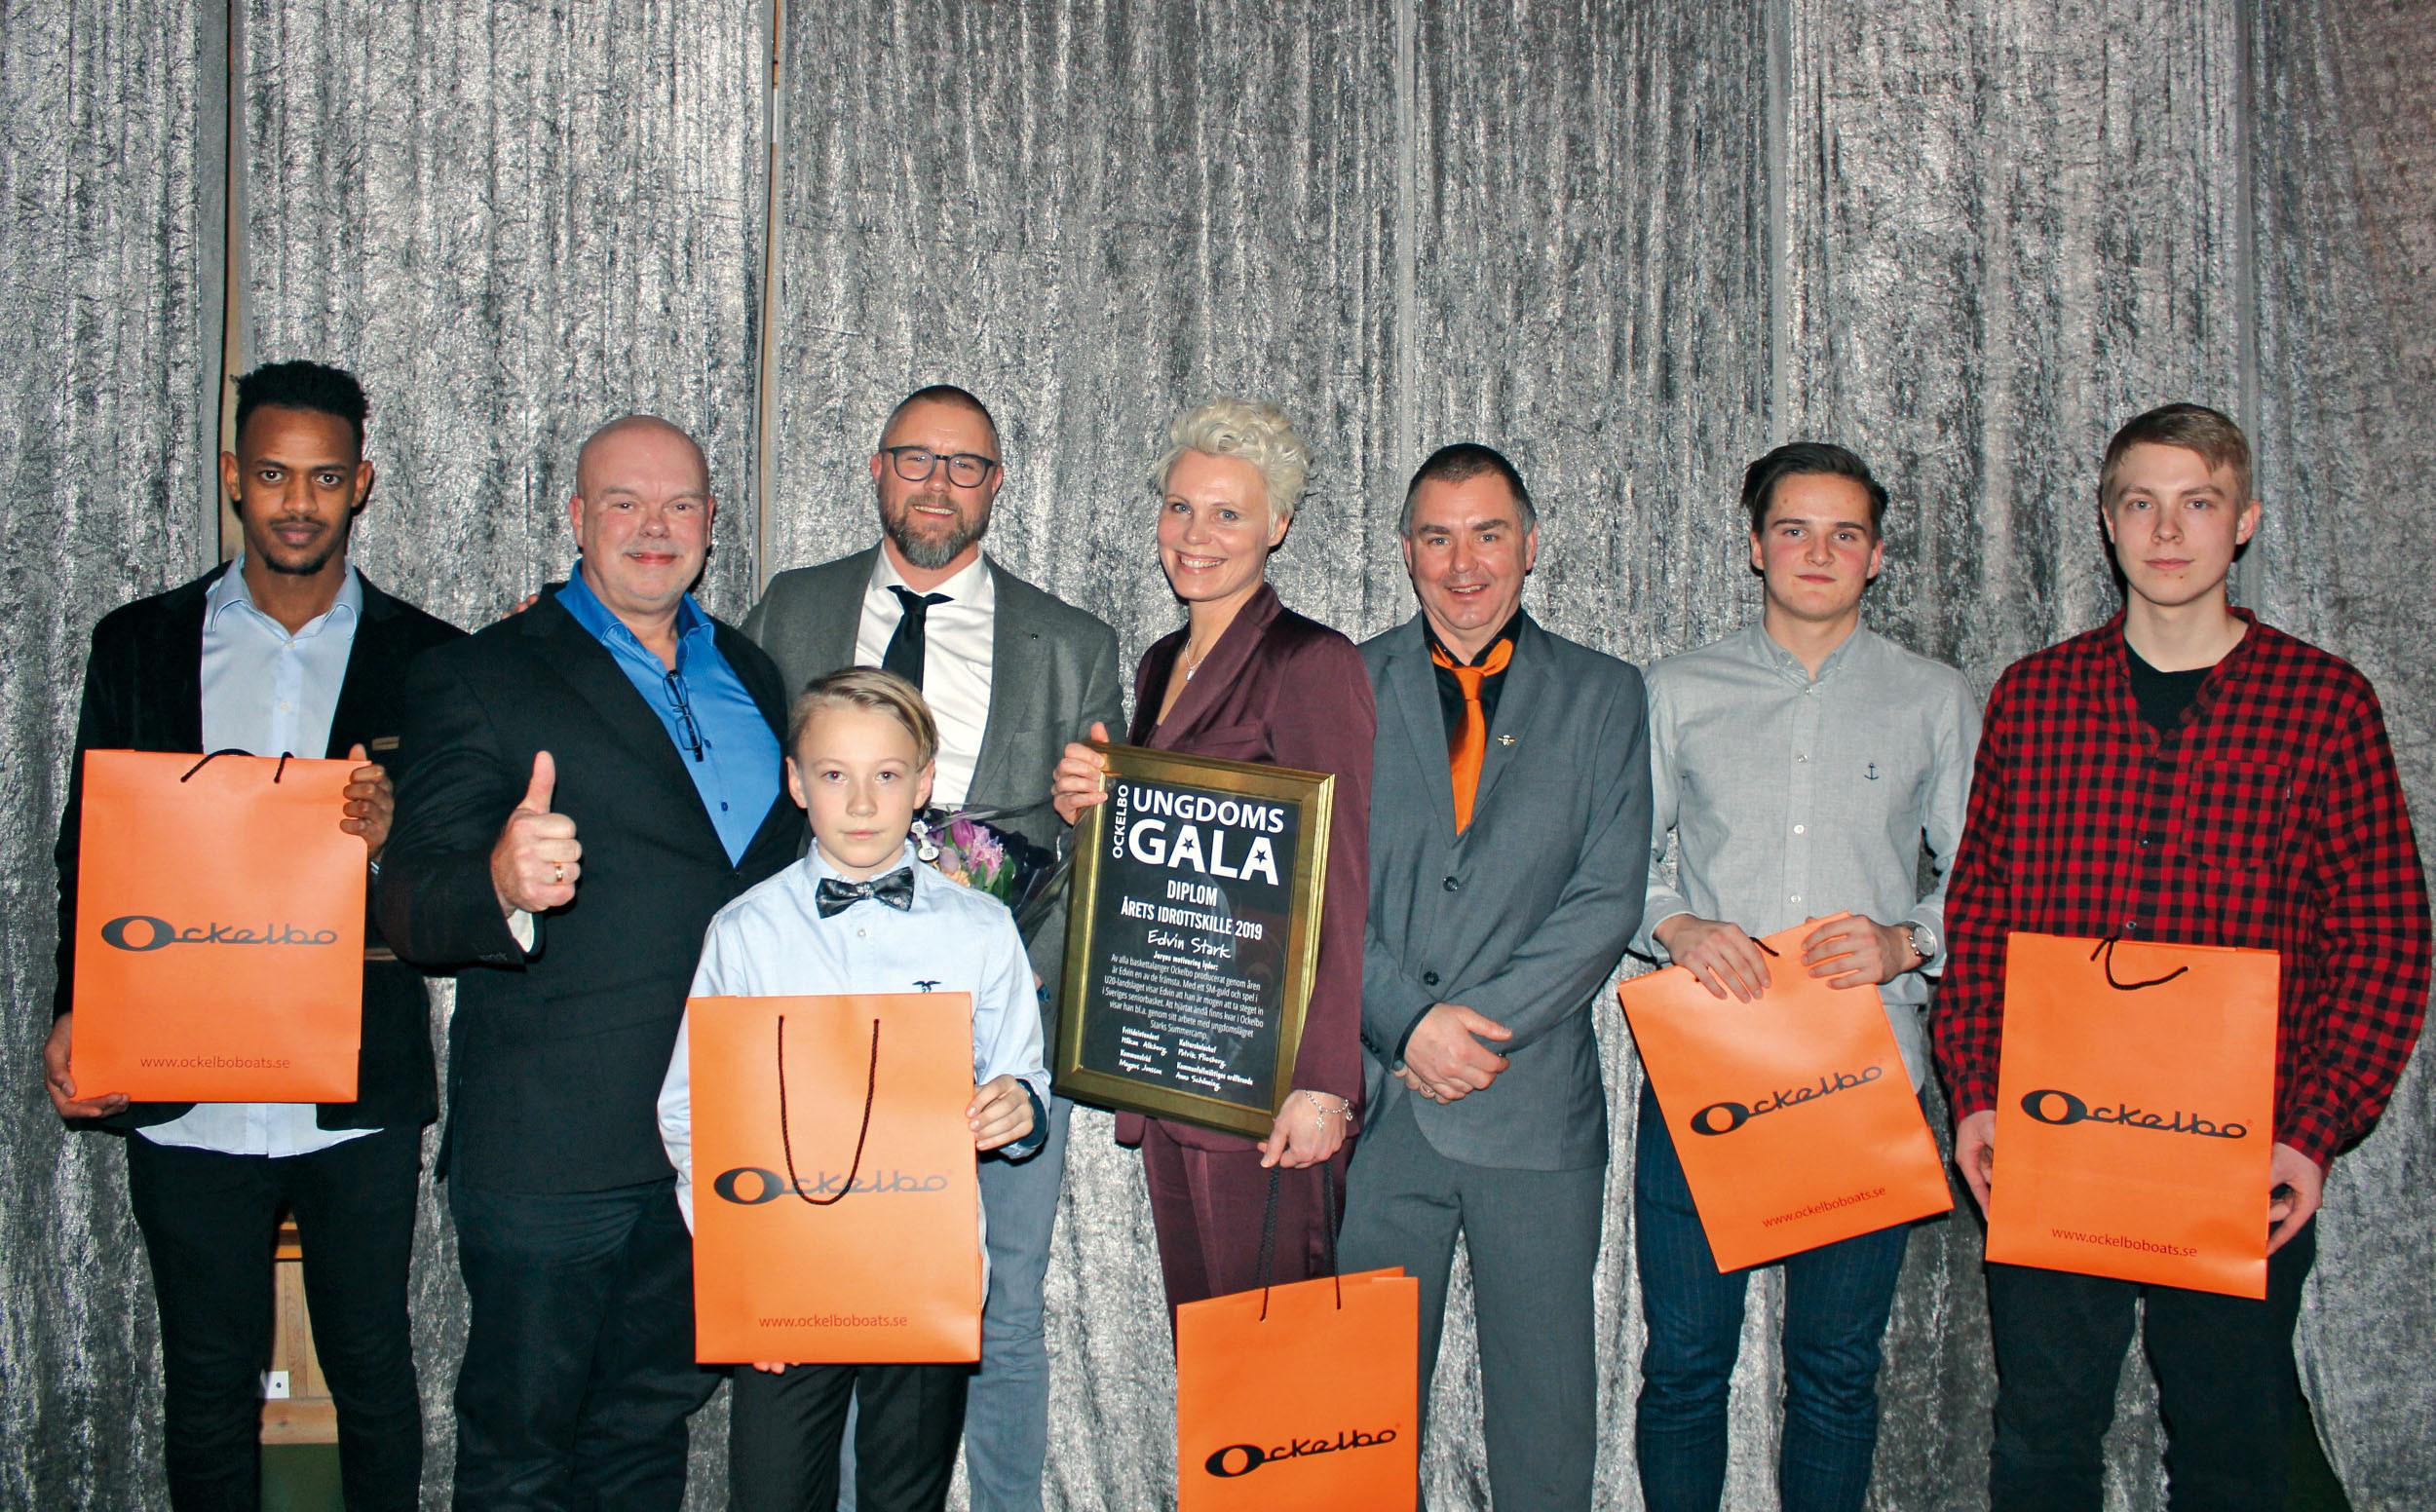 Ockelbo Boats prisade Edvin Stark på Ockelbo Ungdomsgala